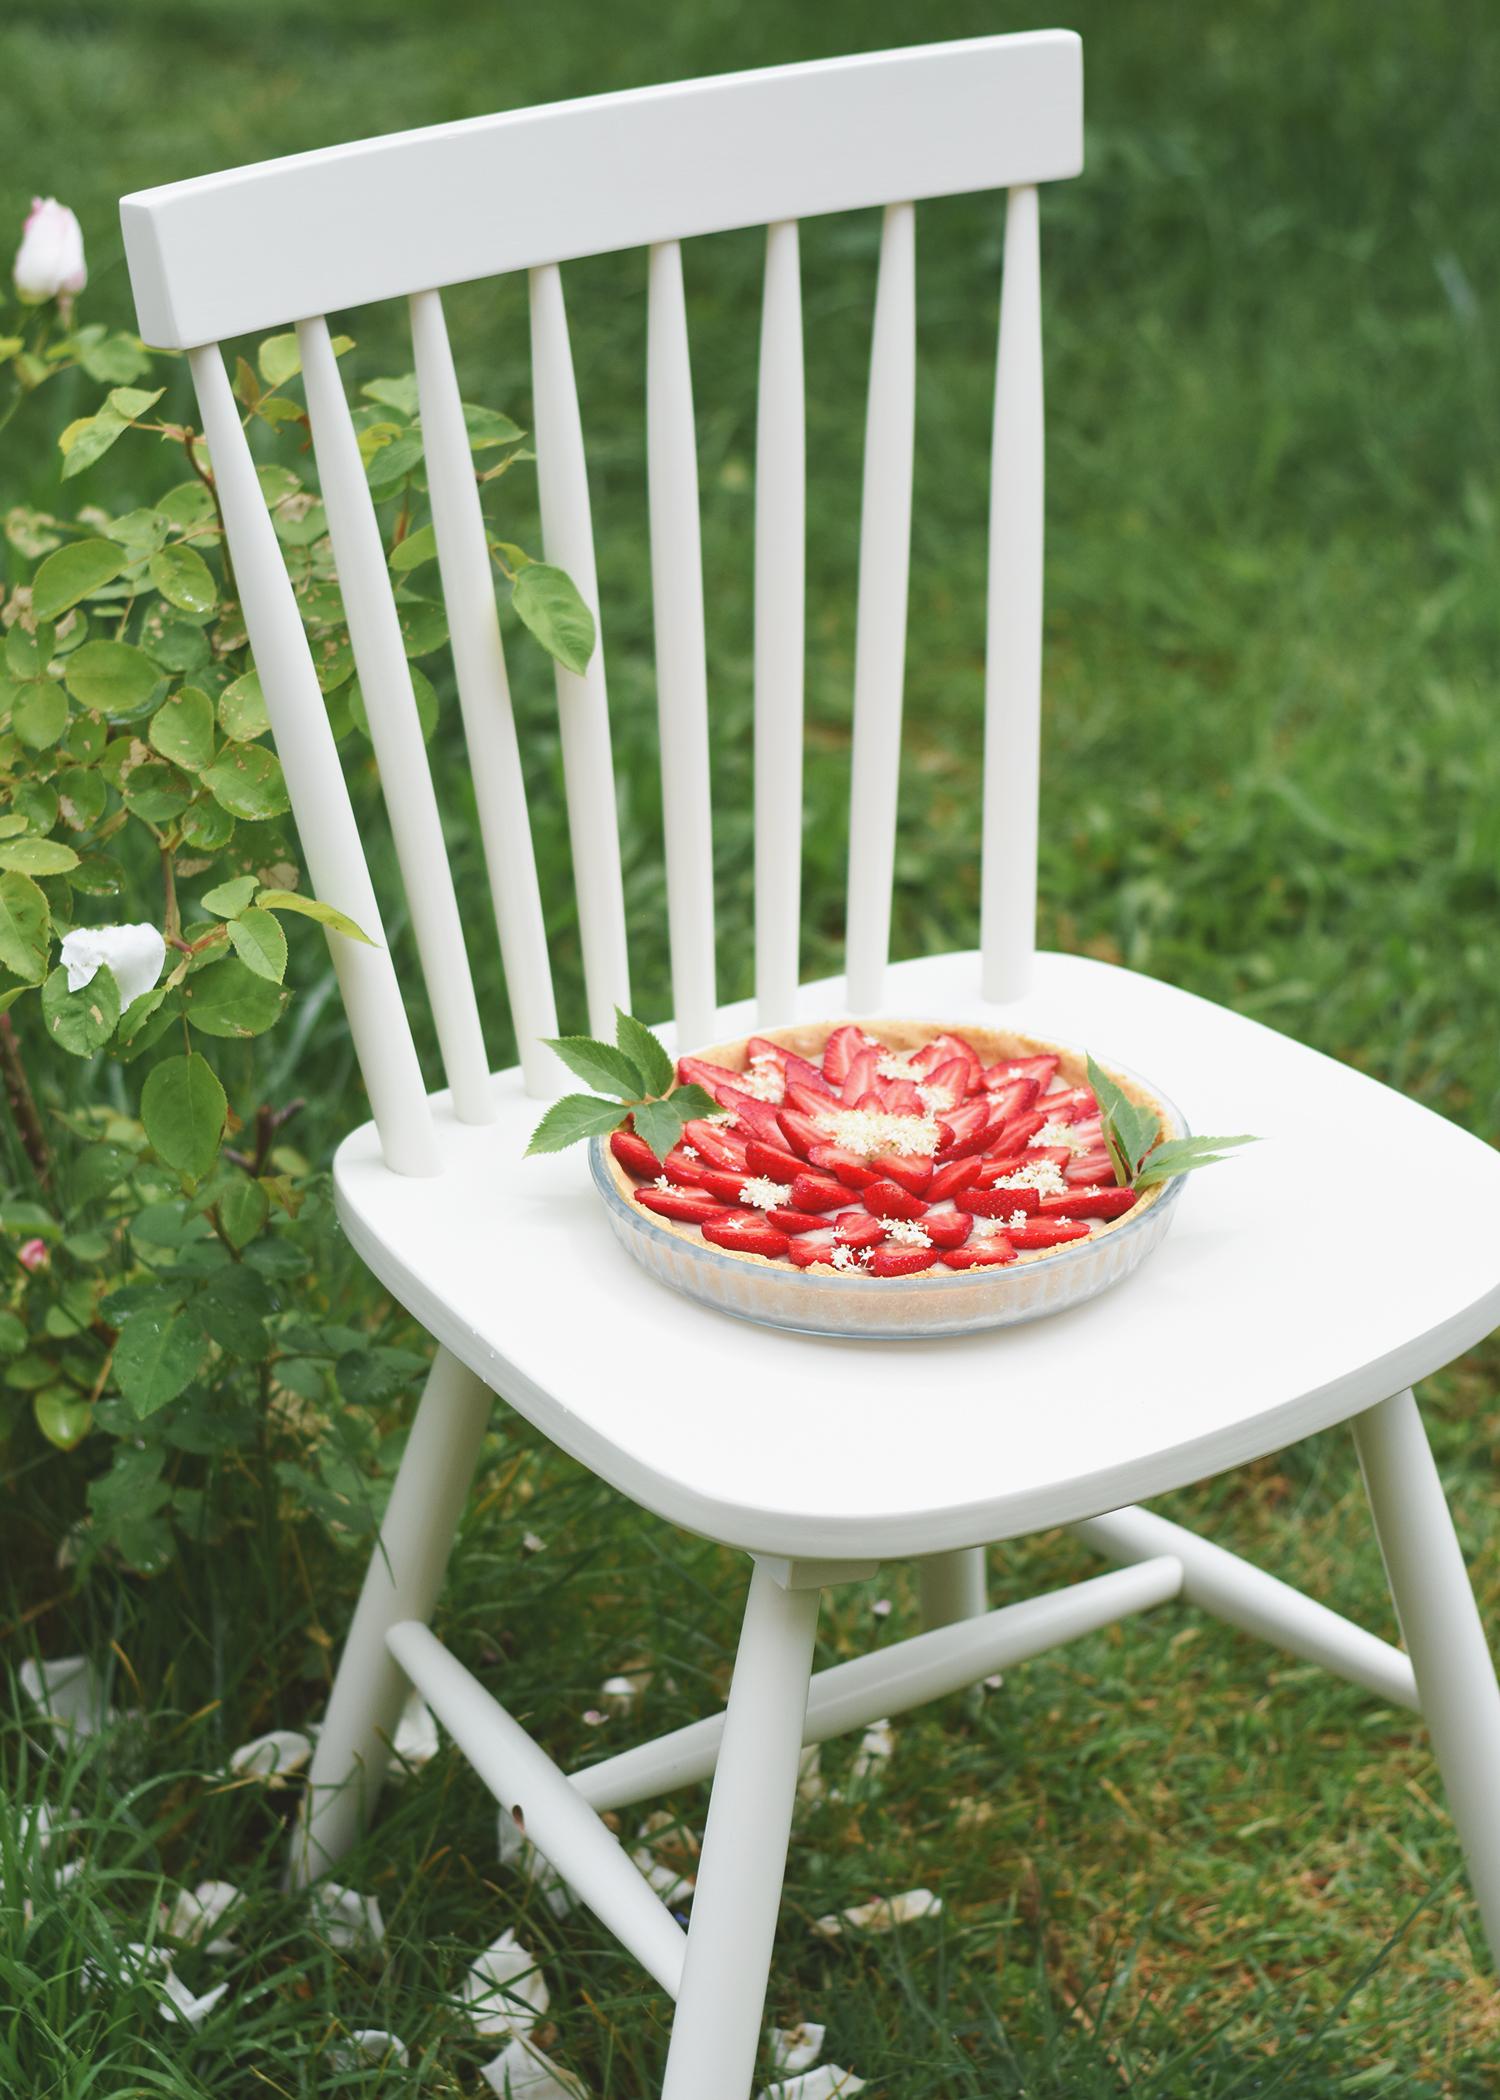 Tarte aux fraises et crème végétale au sureau - Recette sans gluten et végétalienne